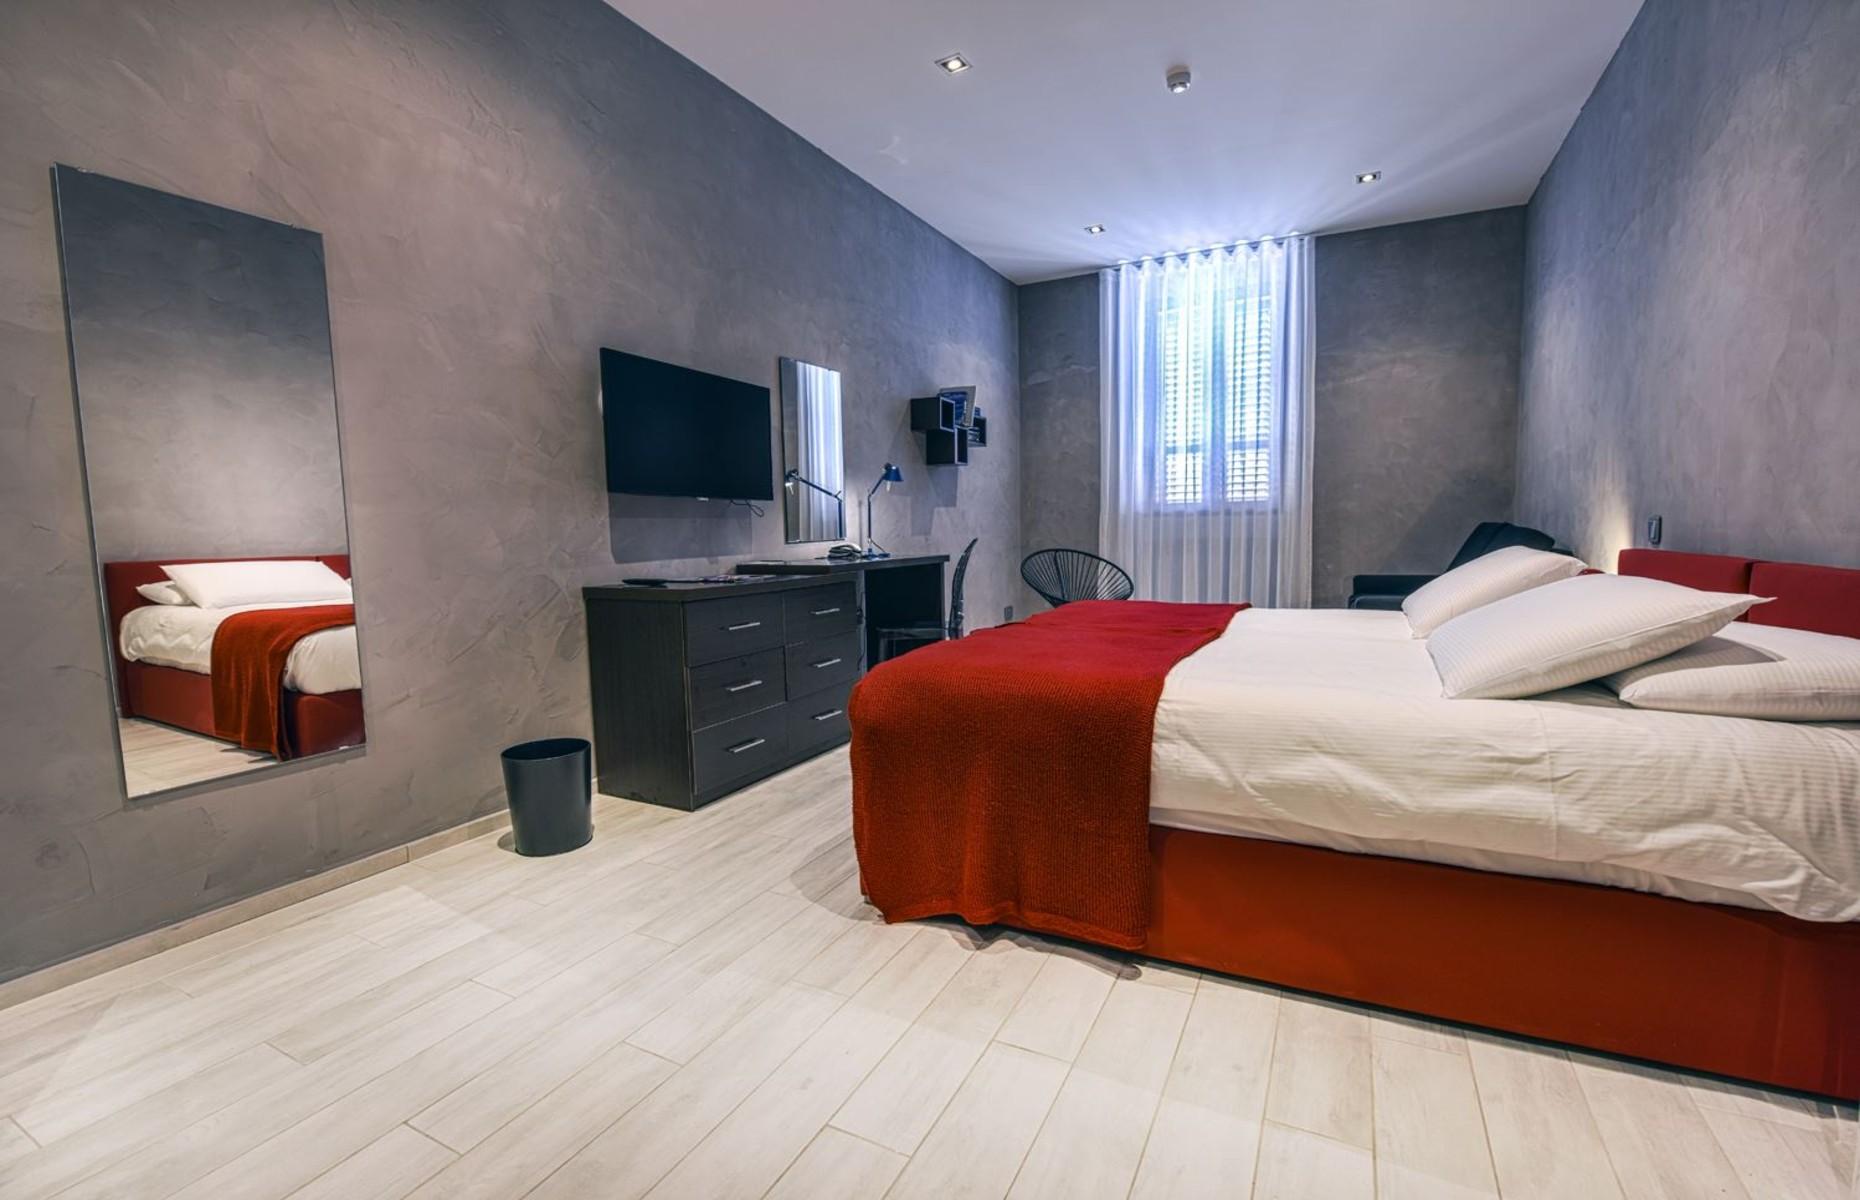 Quaint Boutique Hotel bedroom (Image: Quaint Boutique Hotels/Facebook)